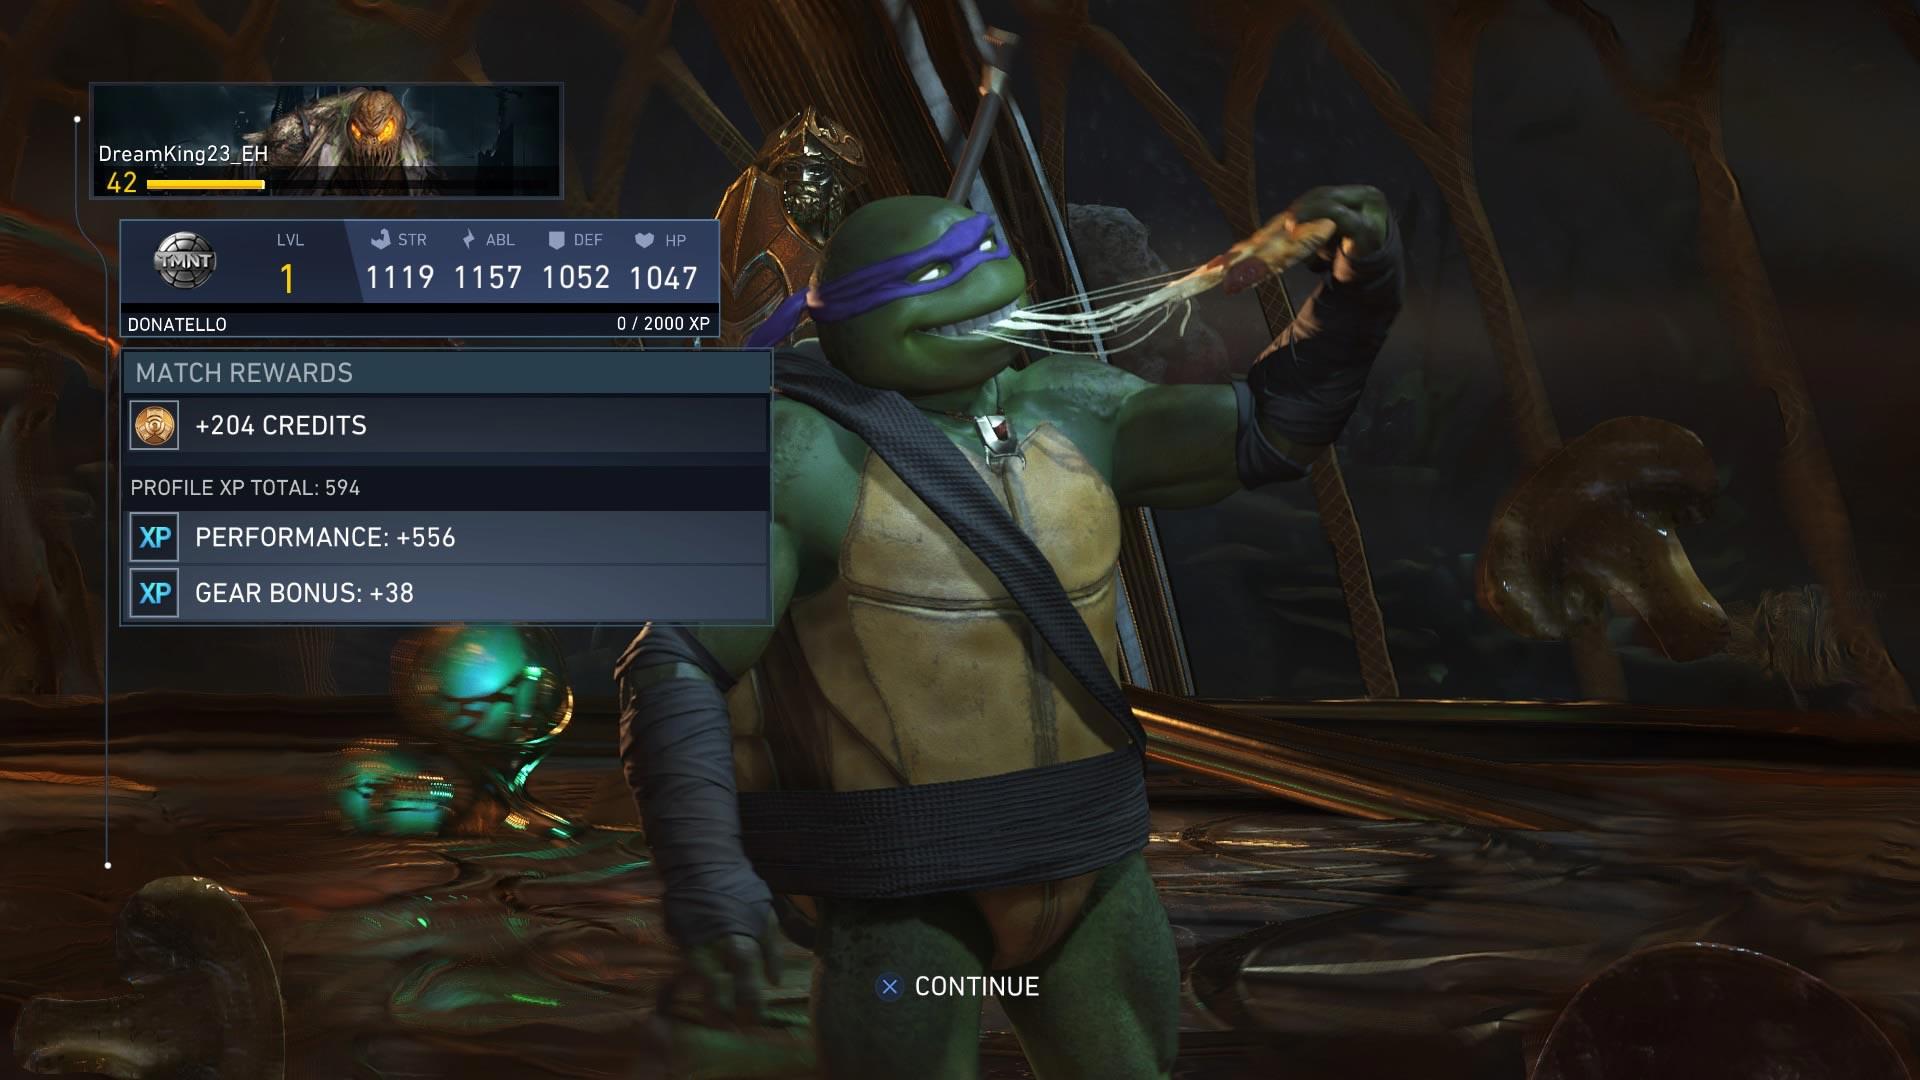 Донателло - Injustice 2 Скриншот, Черепашка